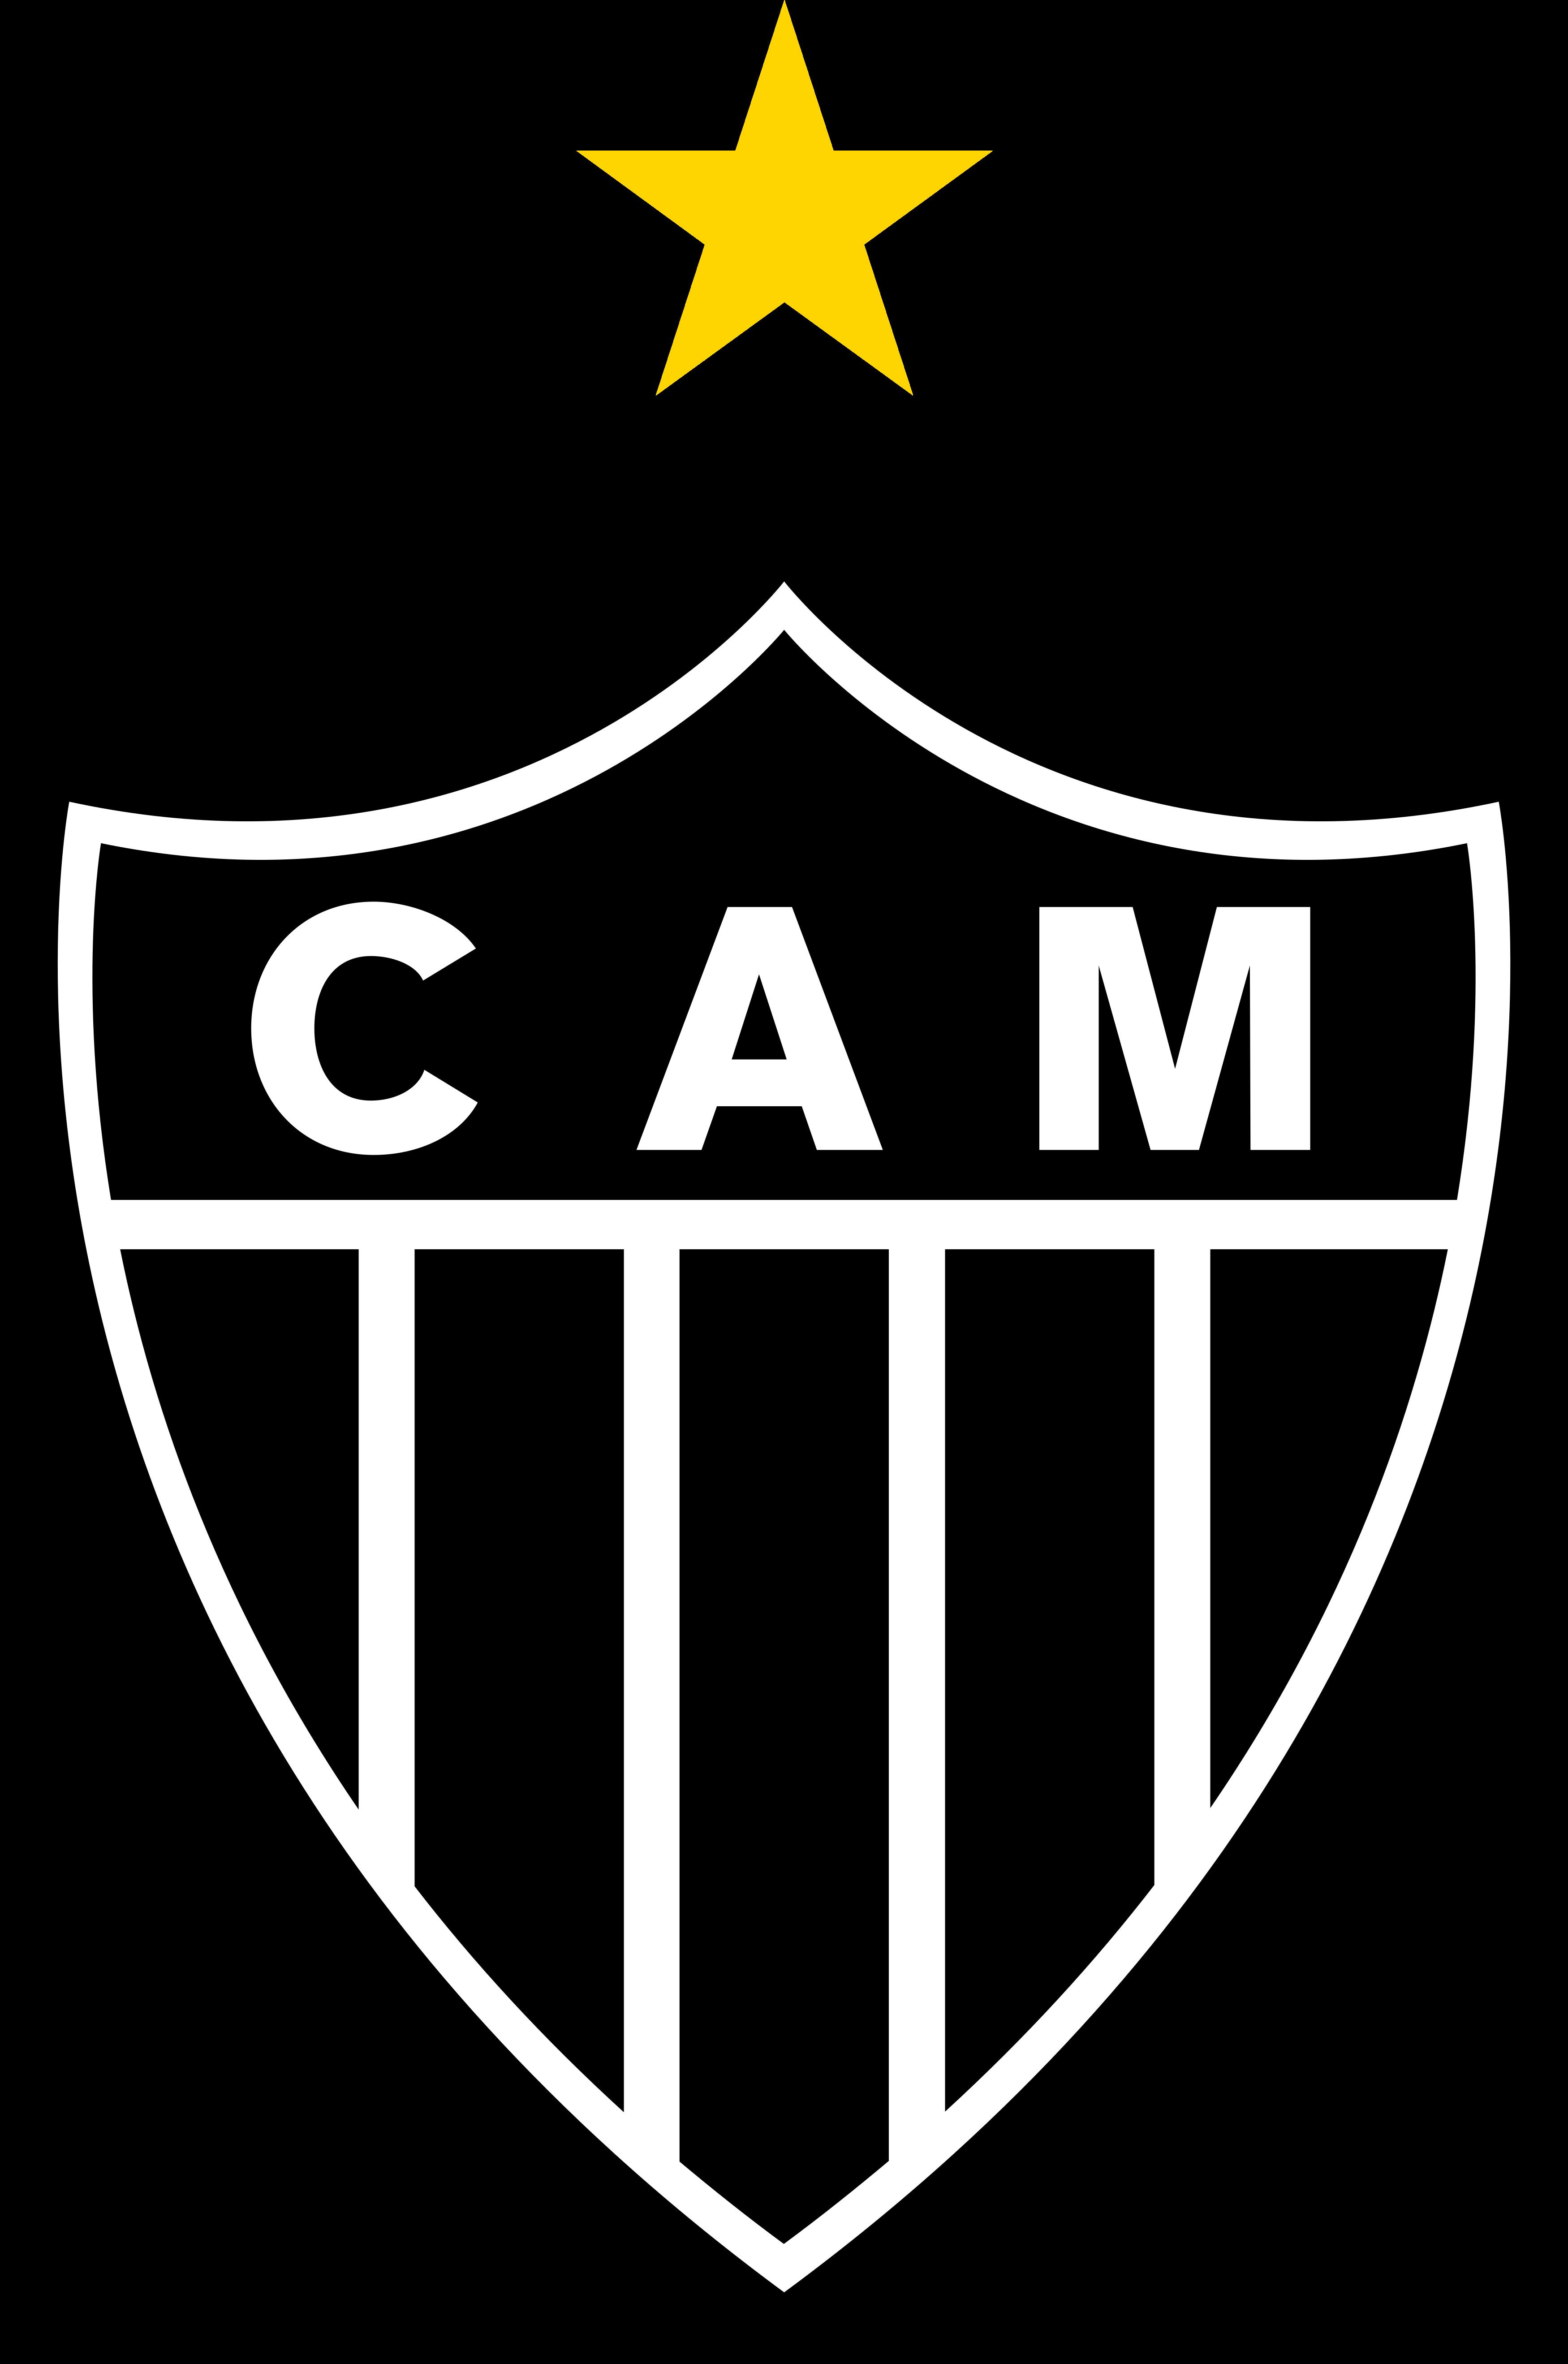 atletico mineiro logo escudo - Atlético Mineiro Logo